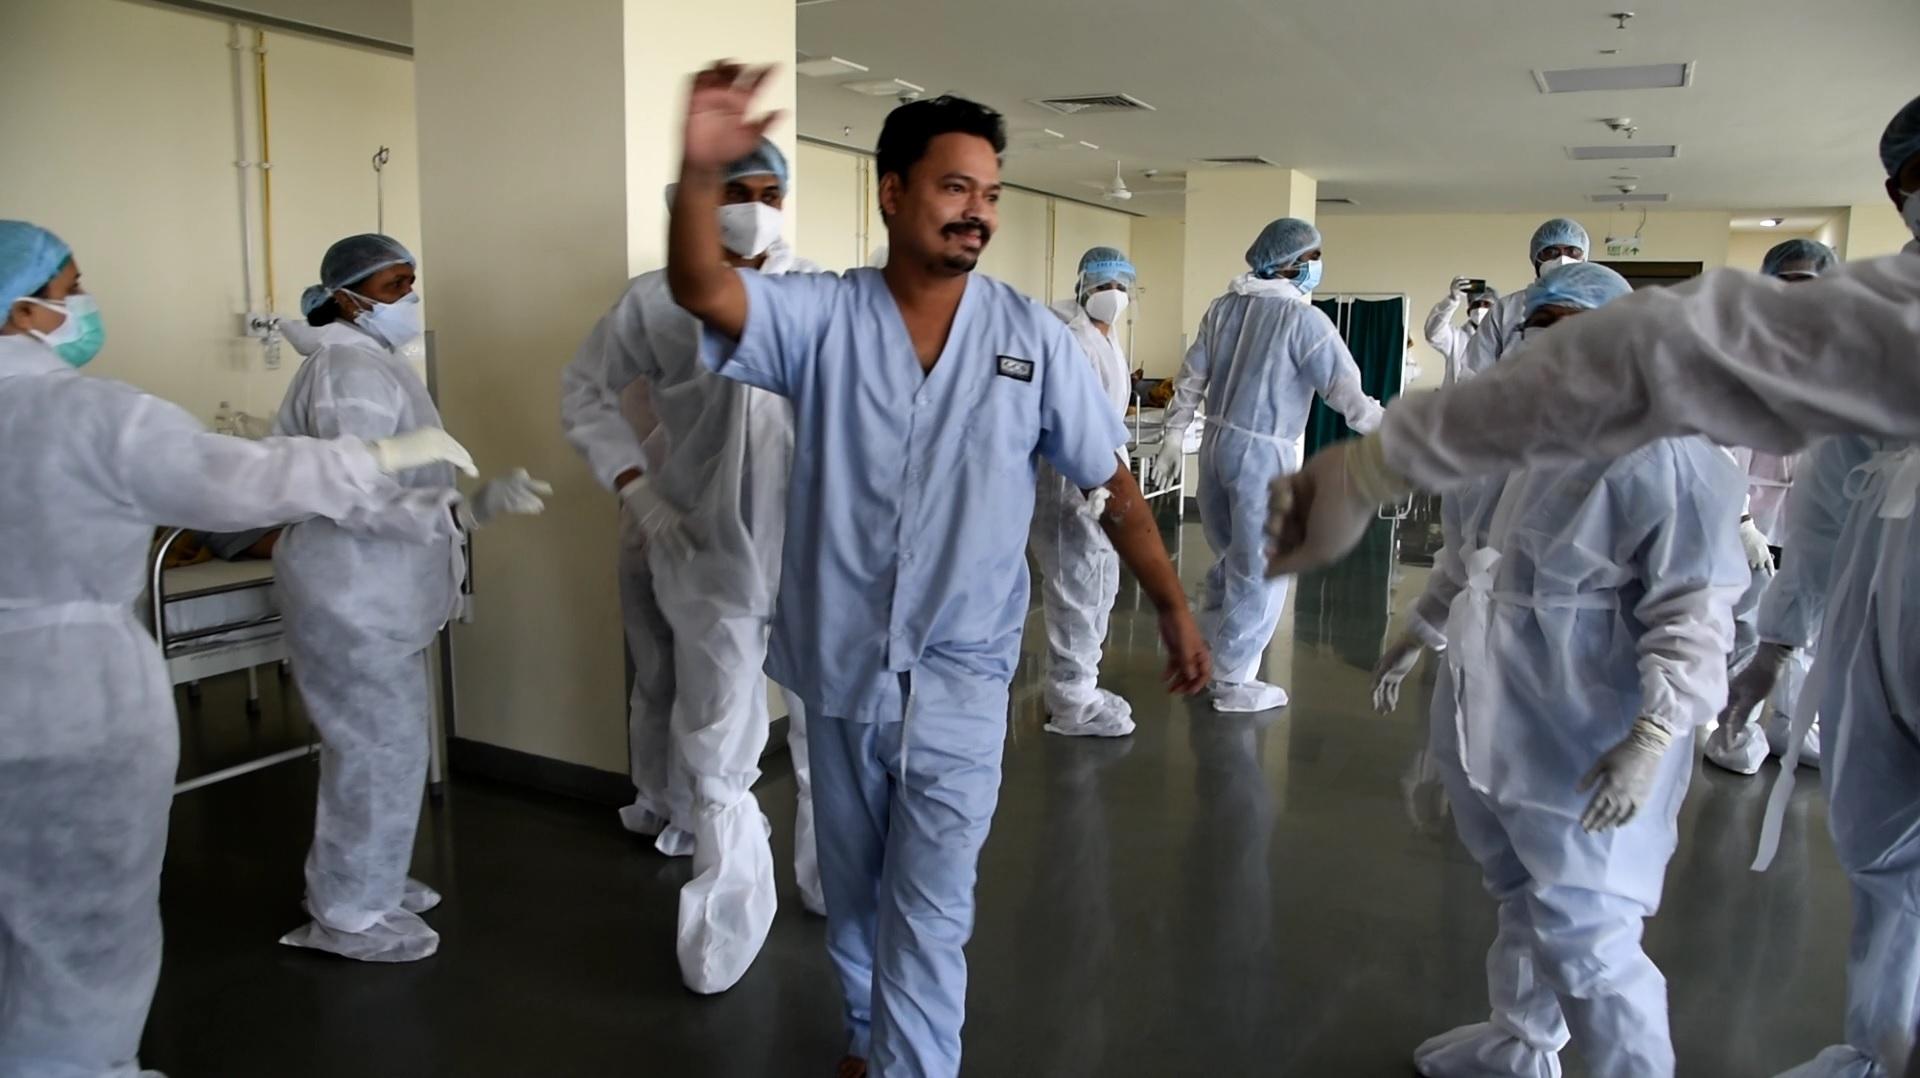 કોરોનાવાયરસના દર્દીઓ સાથે હોસ્પિટલ સ્ટાફે ઉજવ્યો આંતરરાષ્ટ્રીય નર્સિસ દિવસ